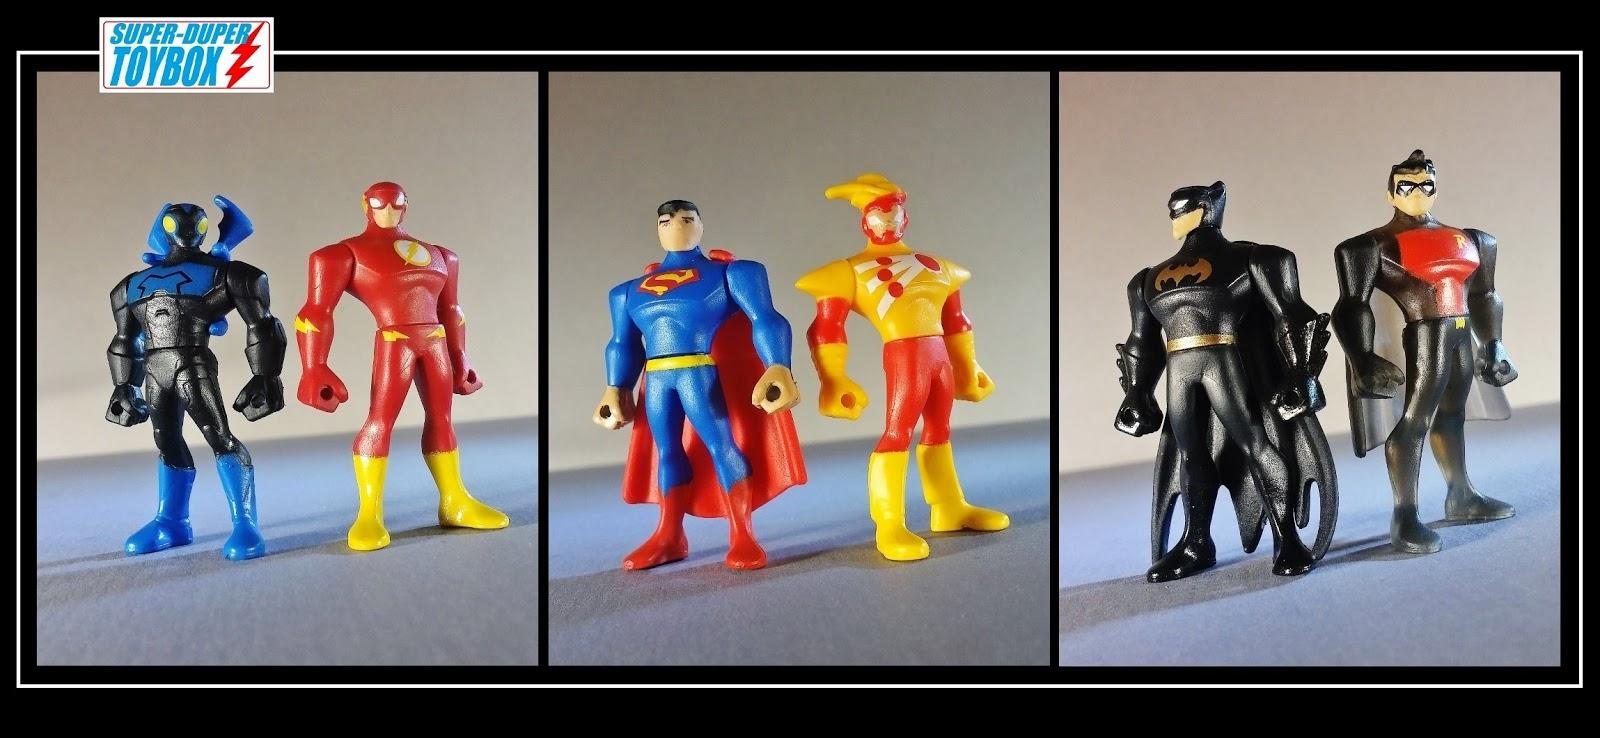 Super-DuperToyBox: Justice League Action Series 1, Batman Unlimited ...